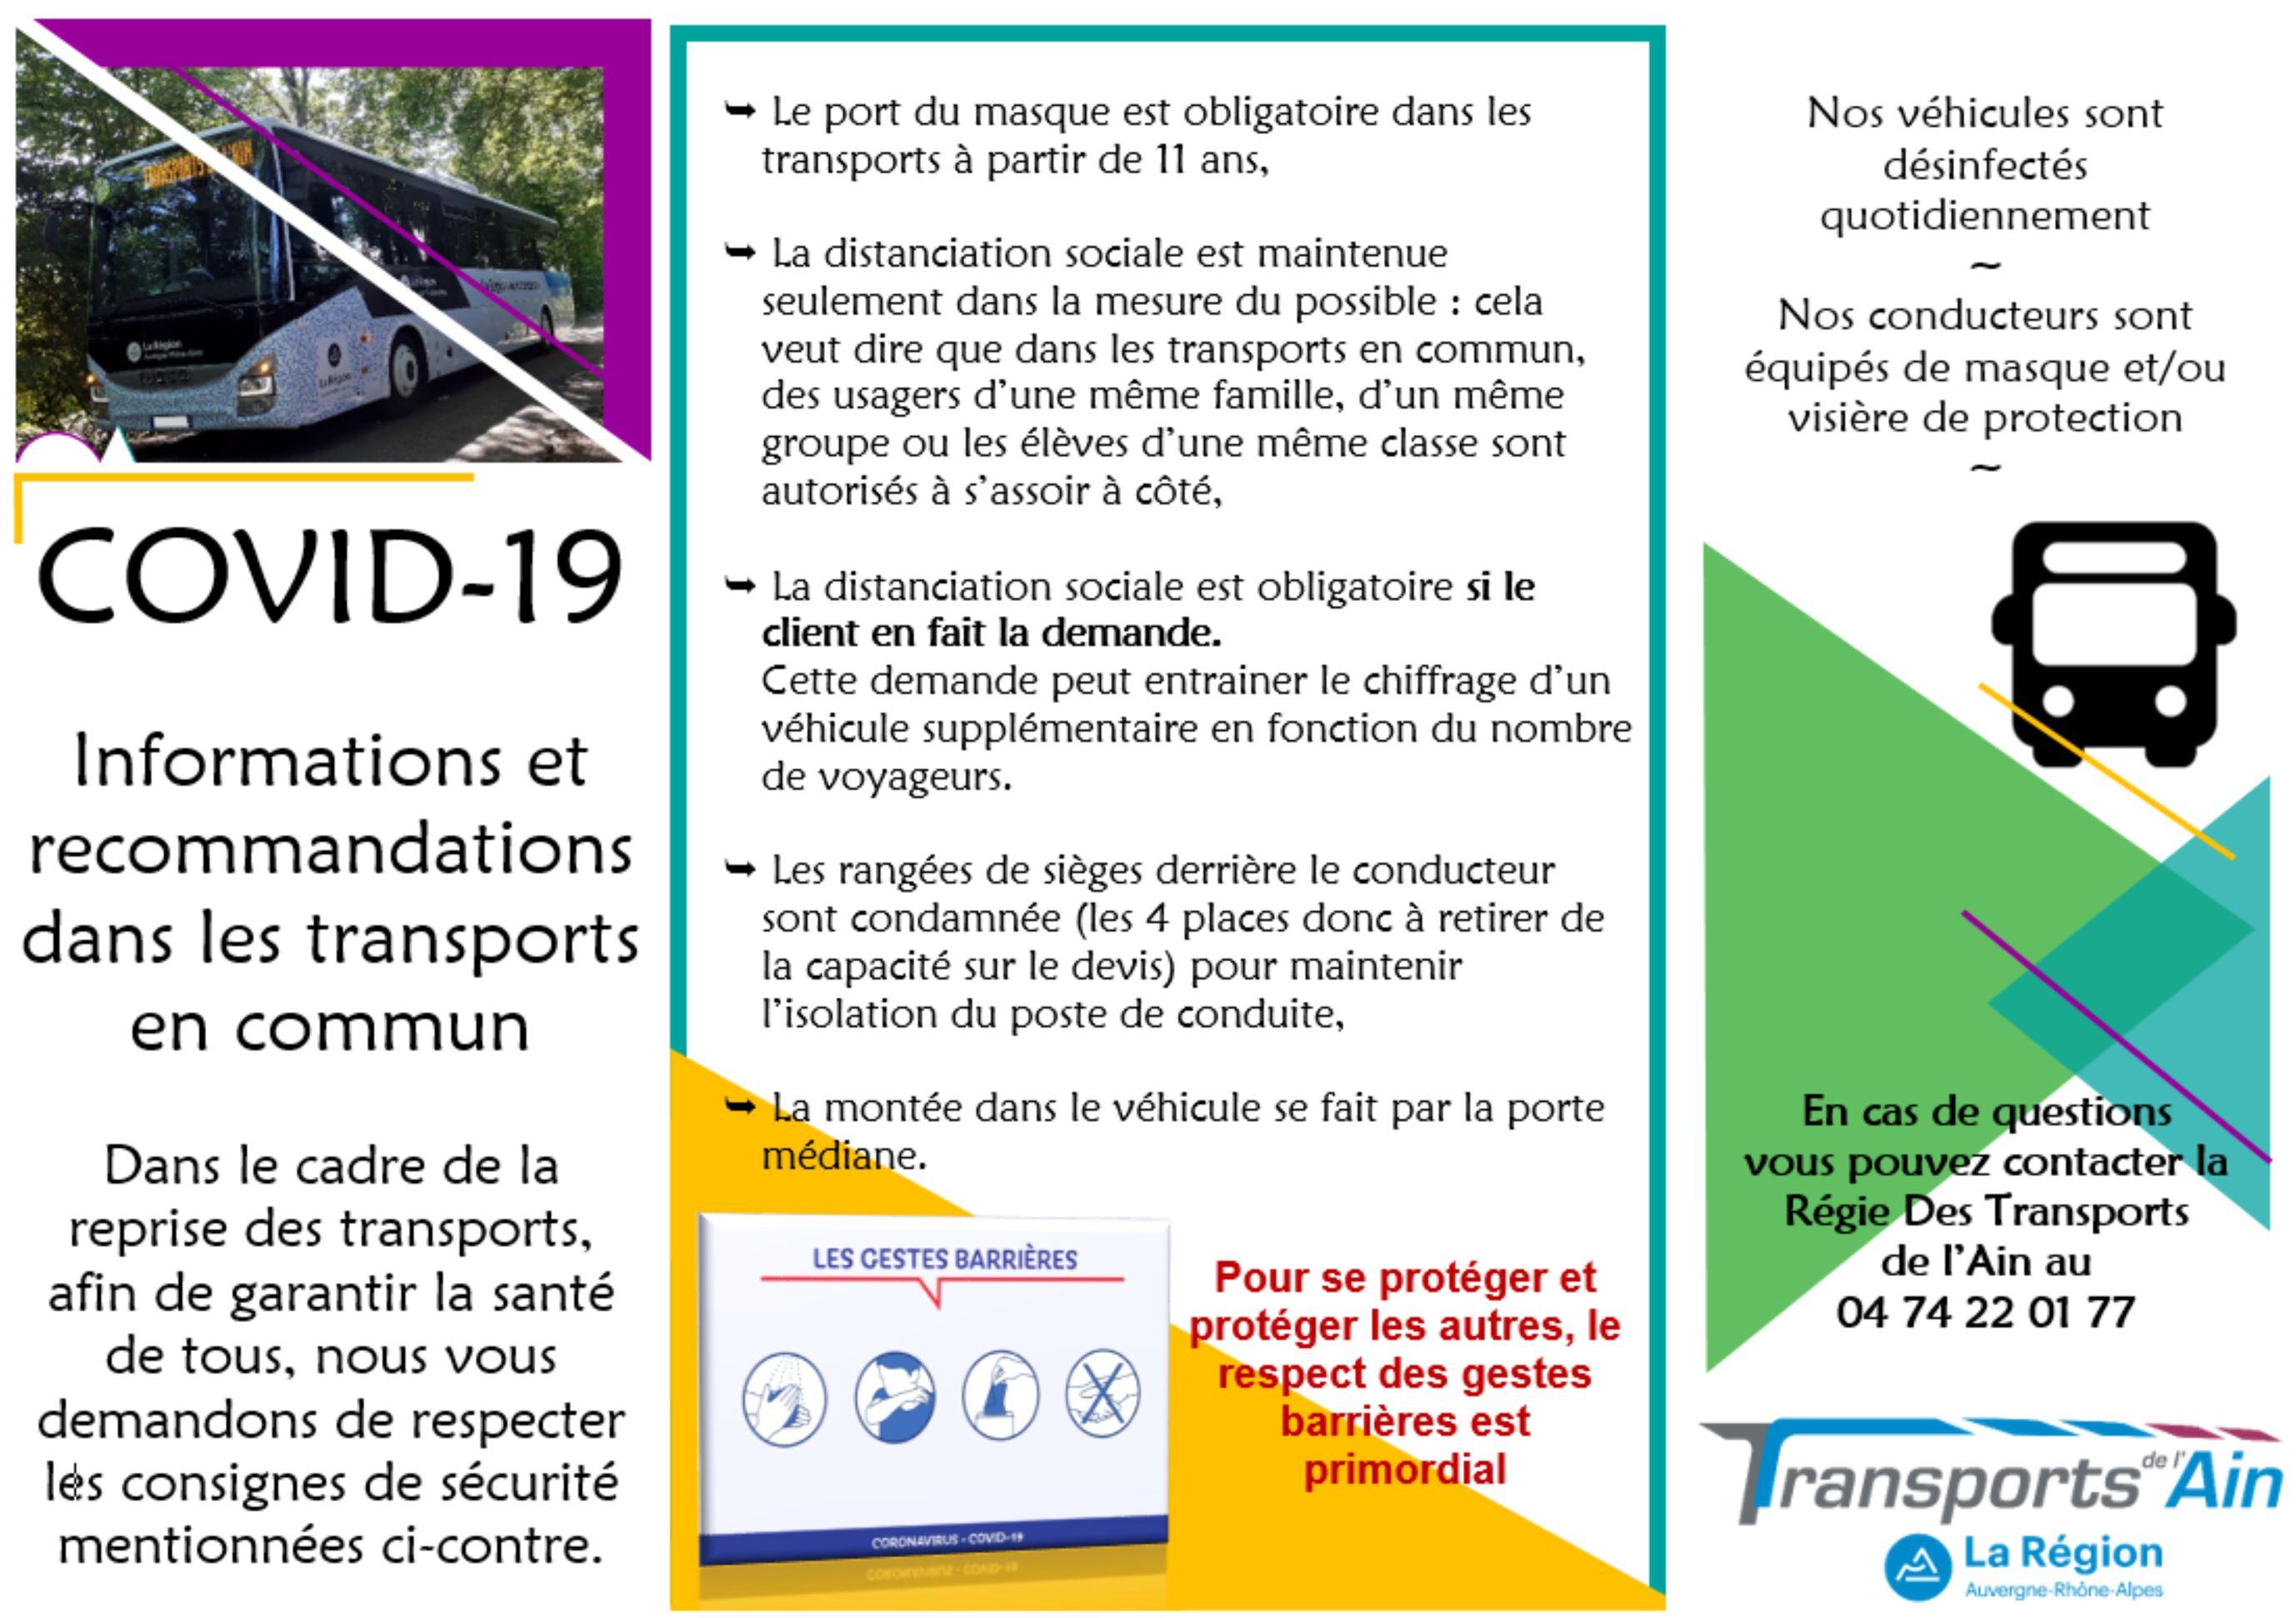 https://www.transportsdelain.fr/wp-content/uploads/Capture.jpg